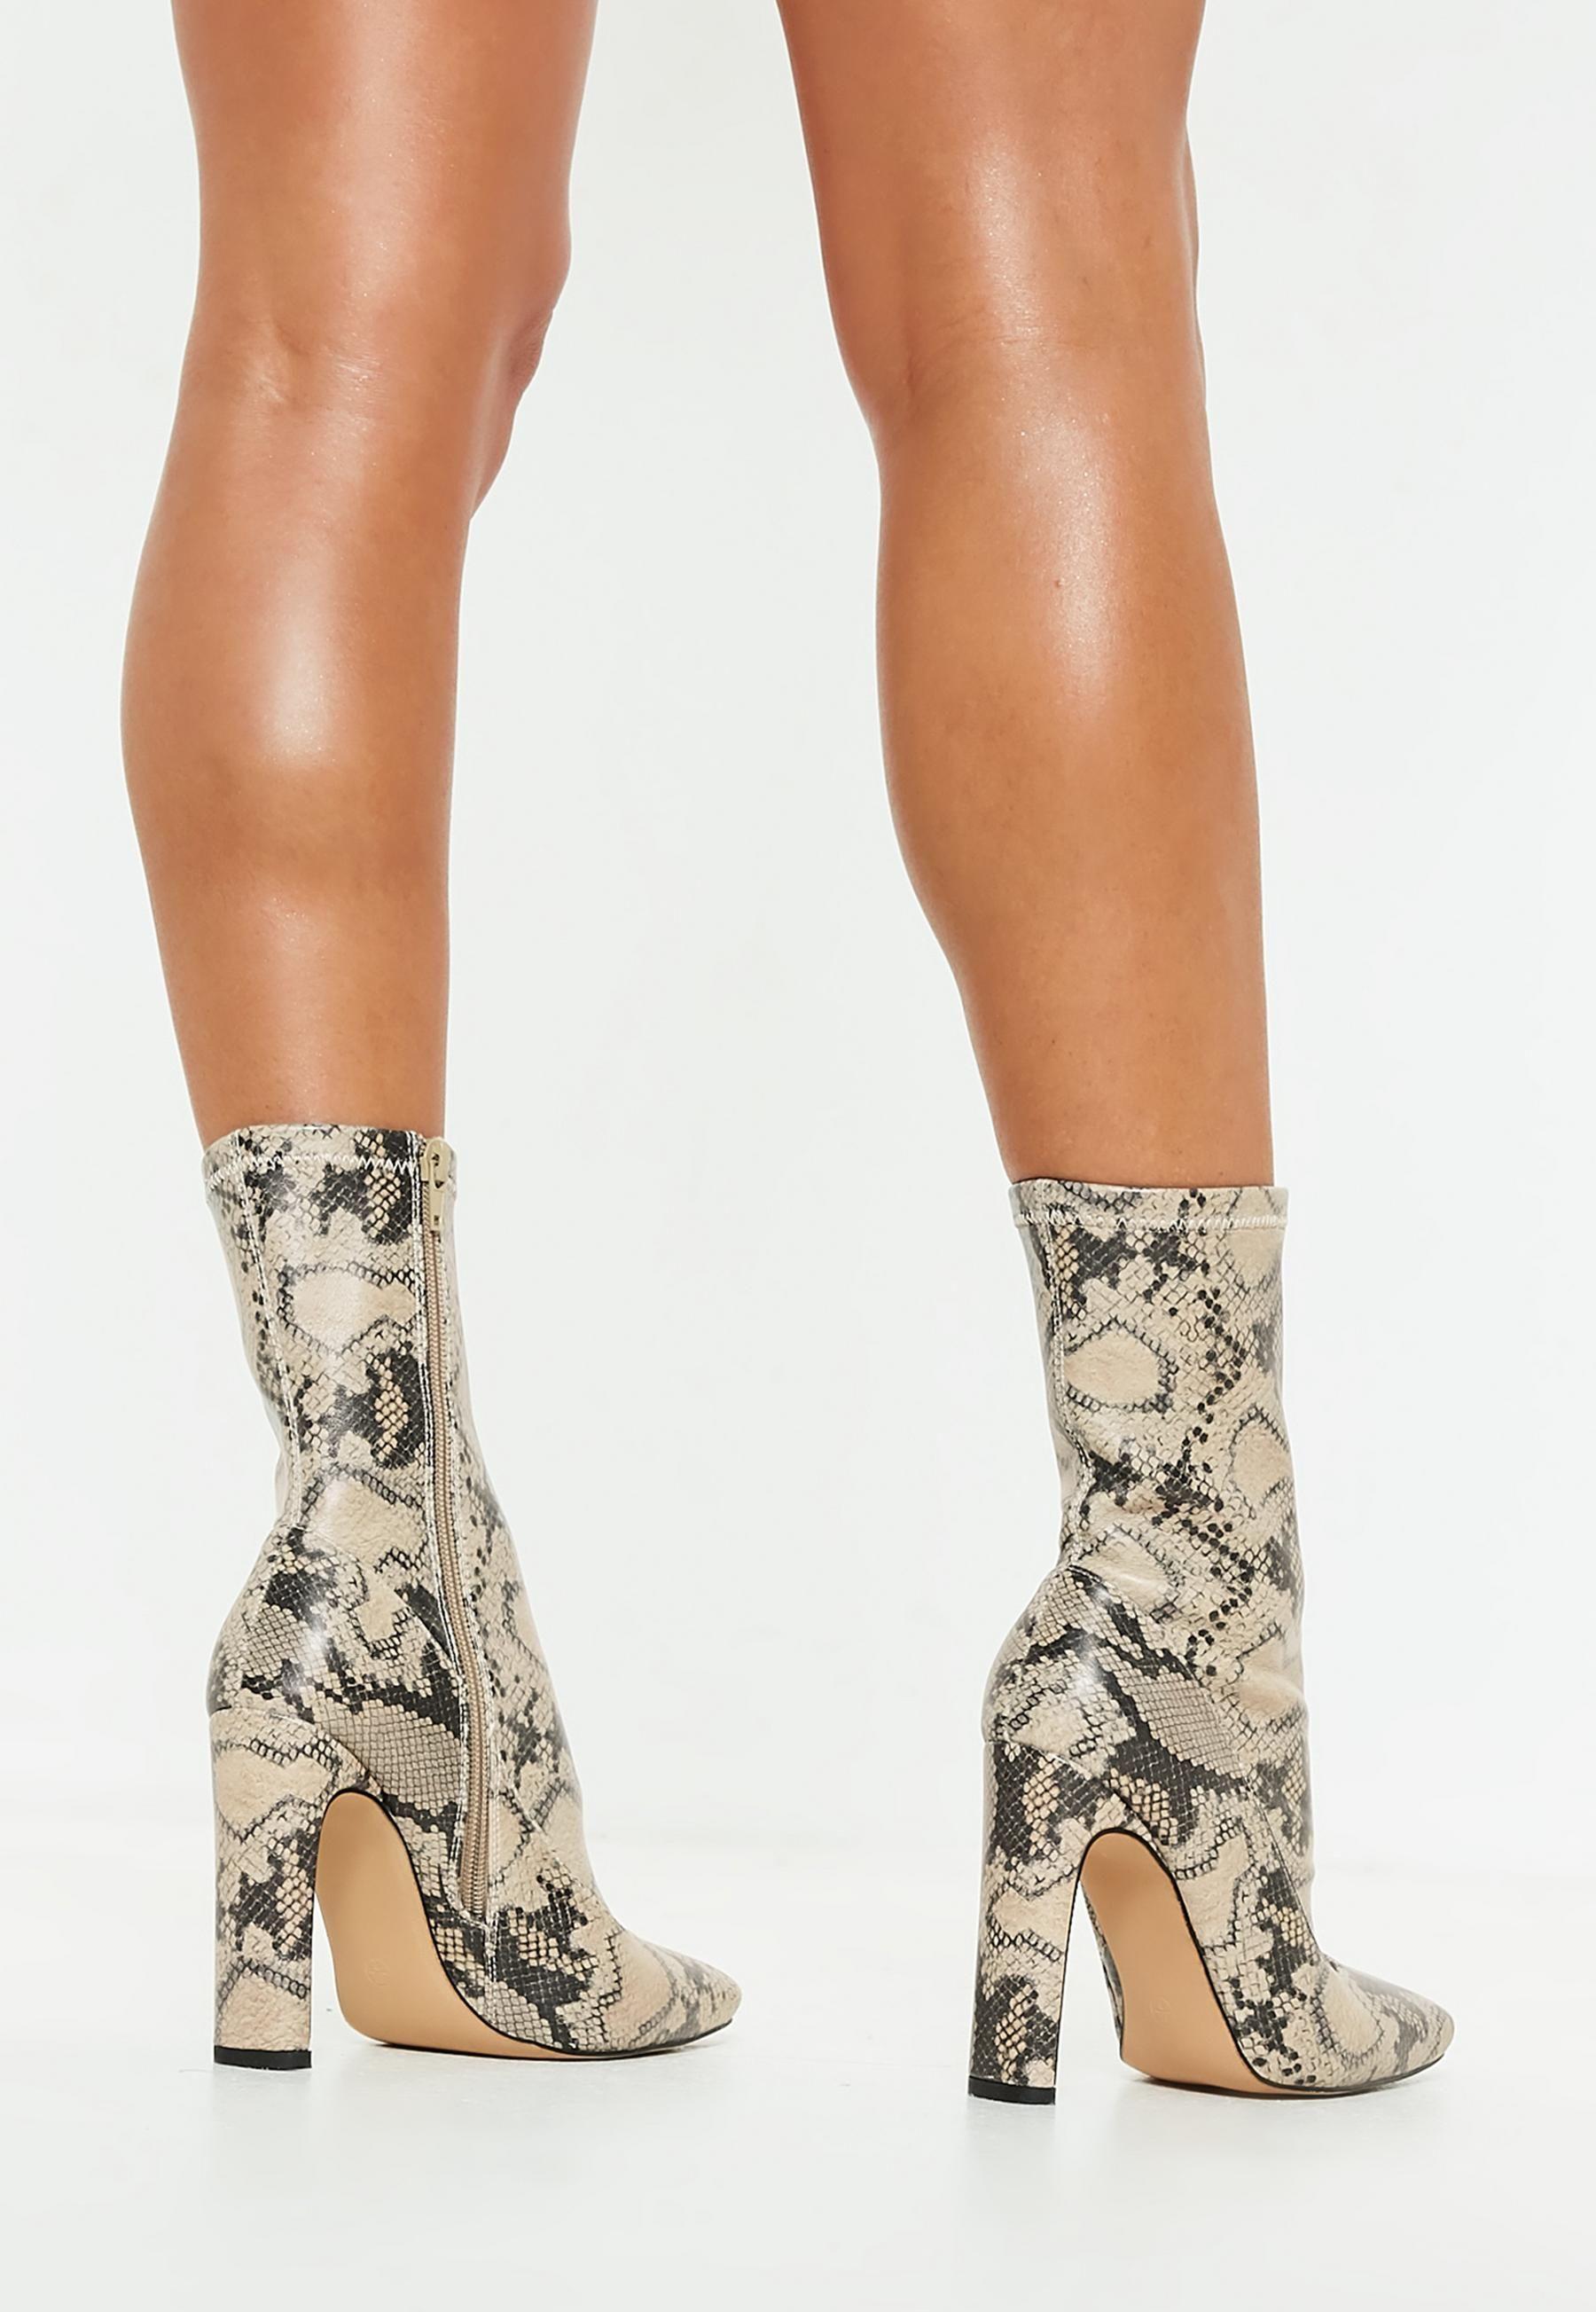 988f33eeb9ec Nude Snake Illusion Heel Sock Ankle Boots | Missguided Australia ...